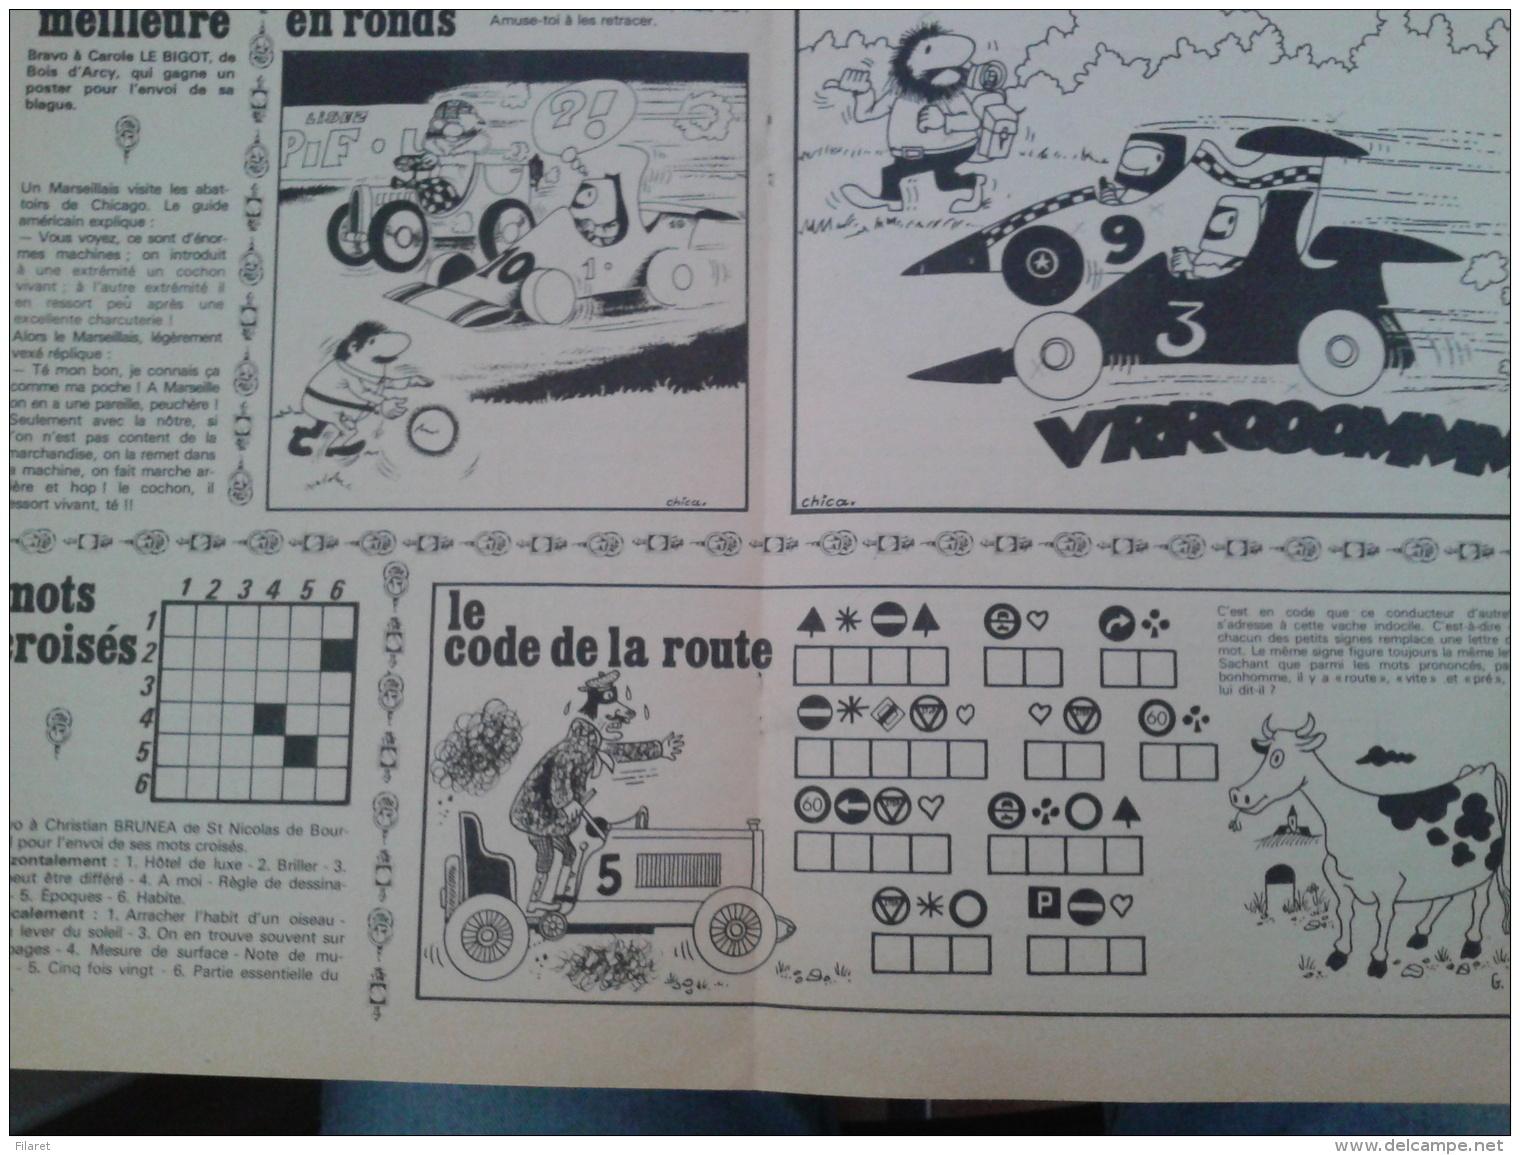 FRANCE-JURNAL DES JEUX,SPECIAL VIEILLES VOITURES - Puzzles